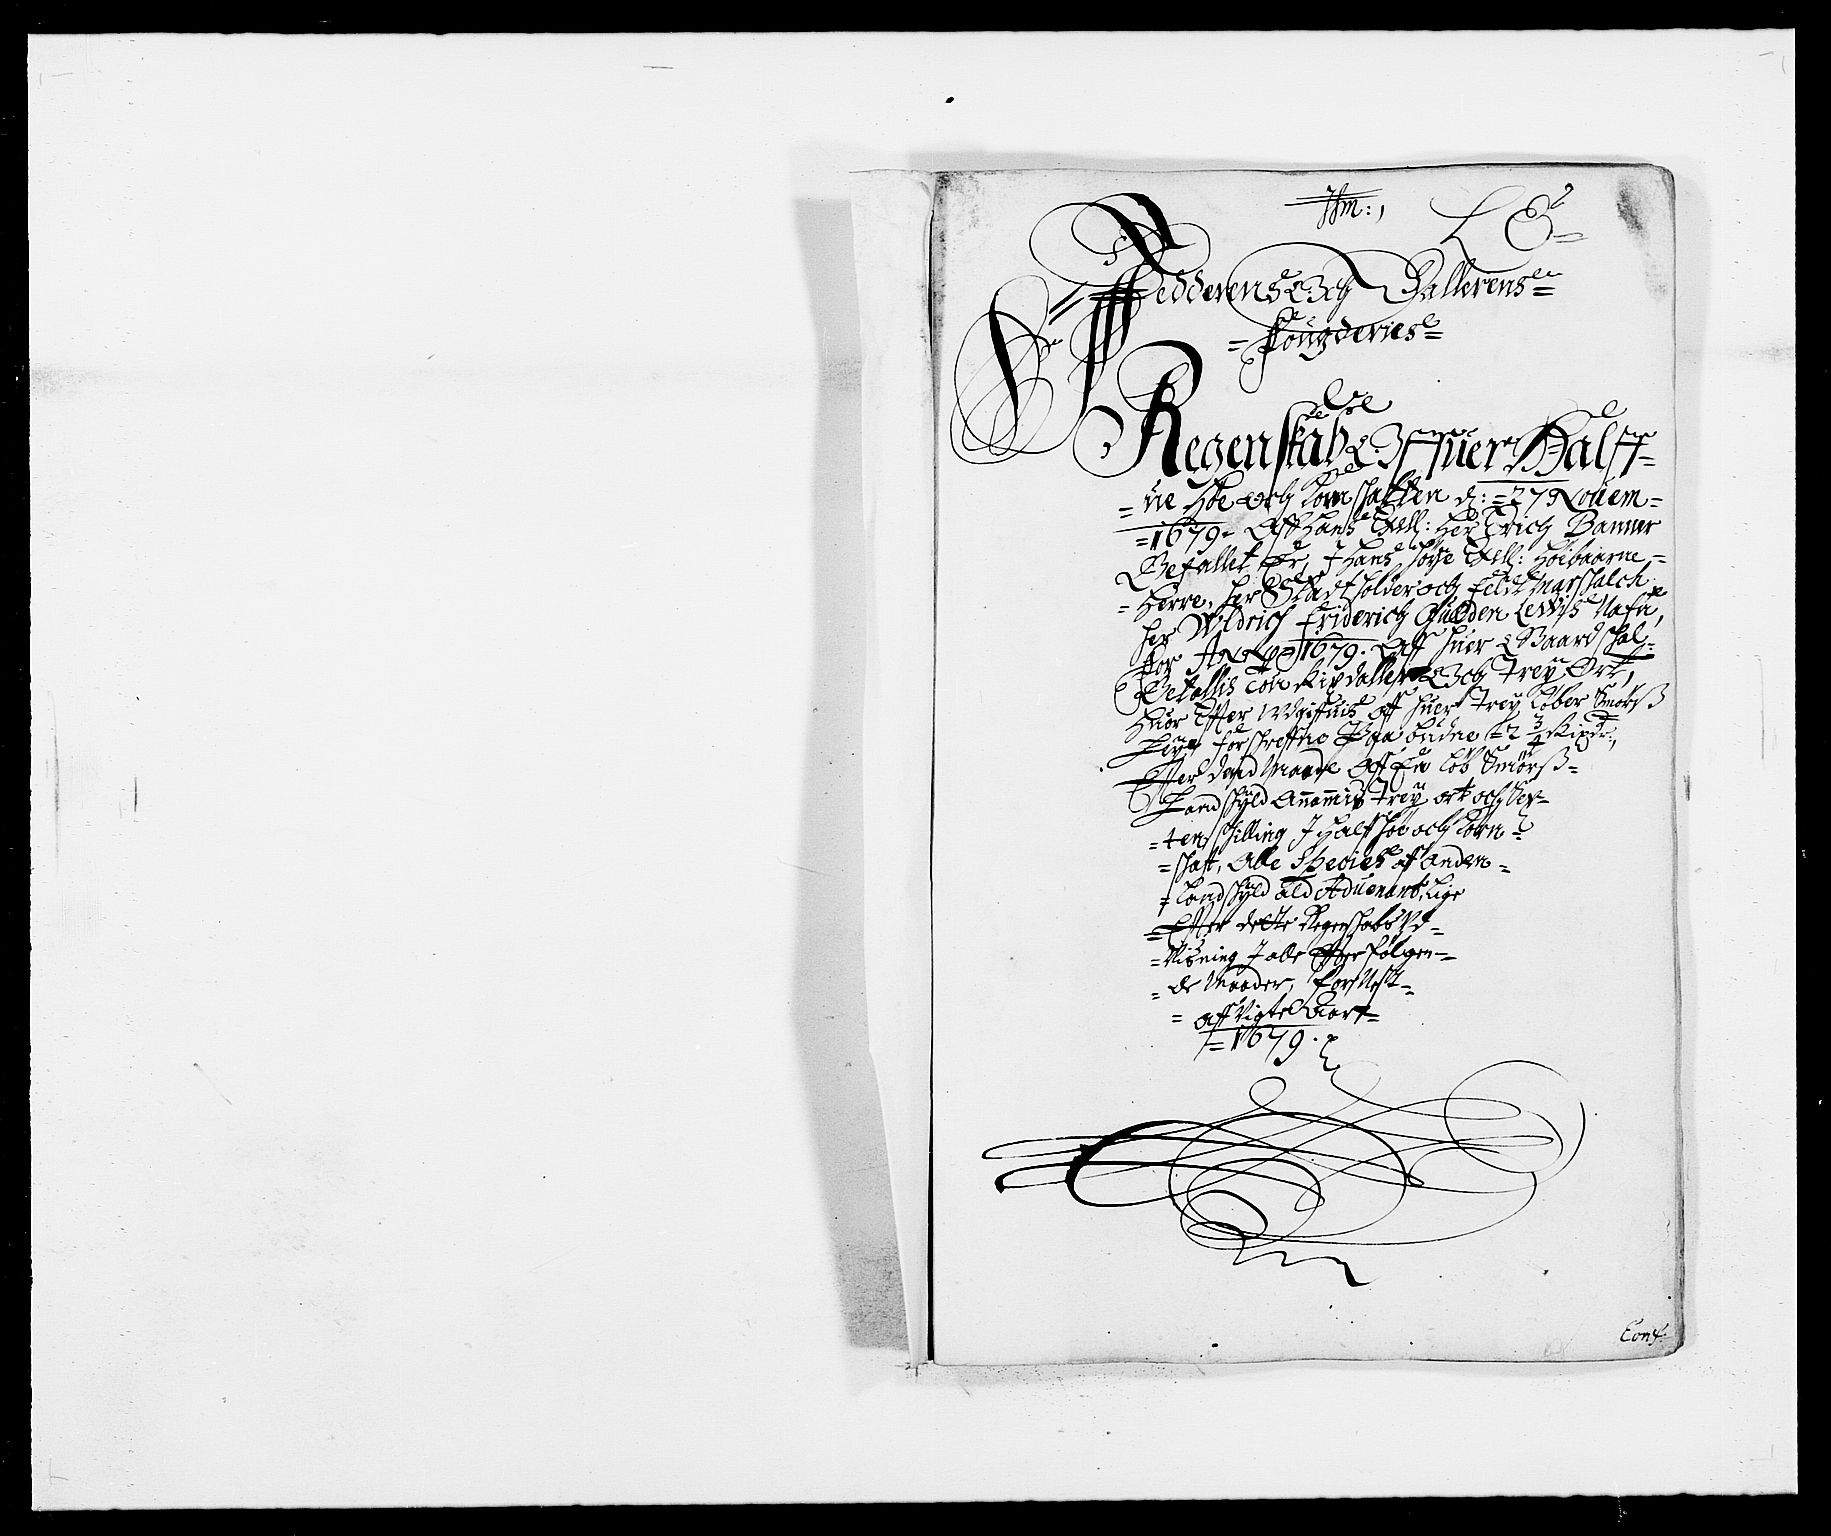 RA, Rentekammeret inntil 1814, Reviderte regnskaper, Fogderegnskap, R46/L2719: Fogderegnskap Jæren og Dalane, 1679, s. 153